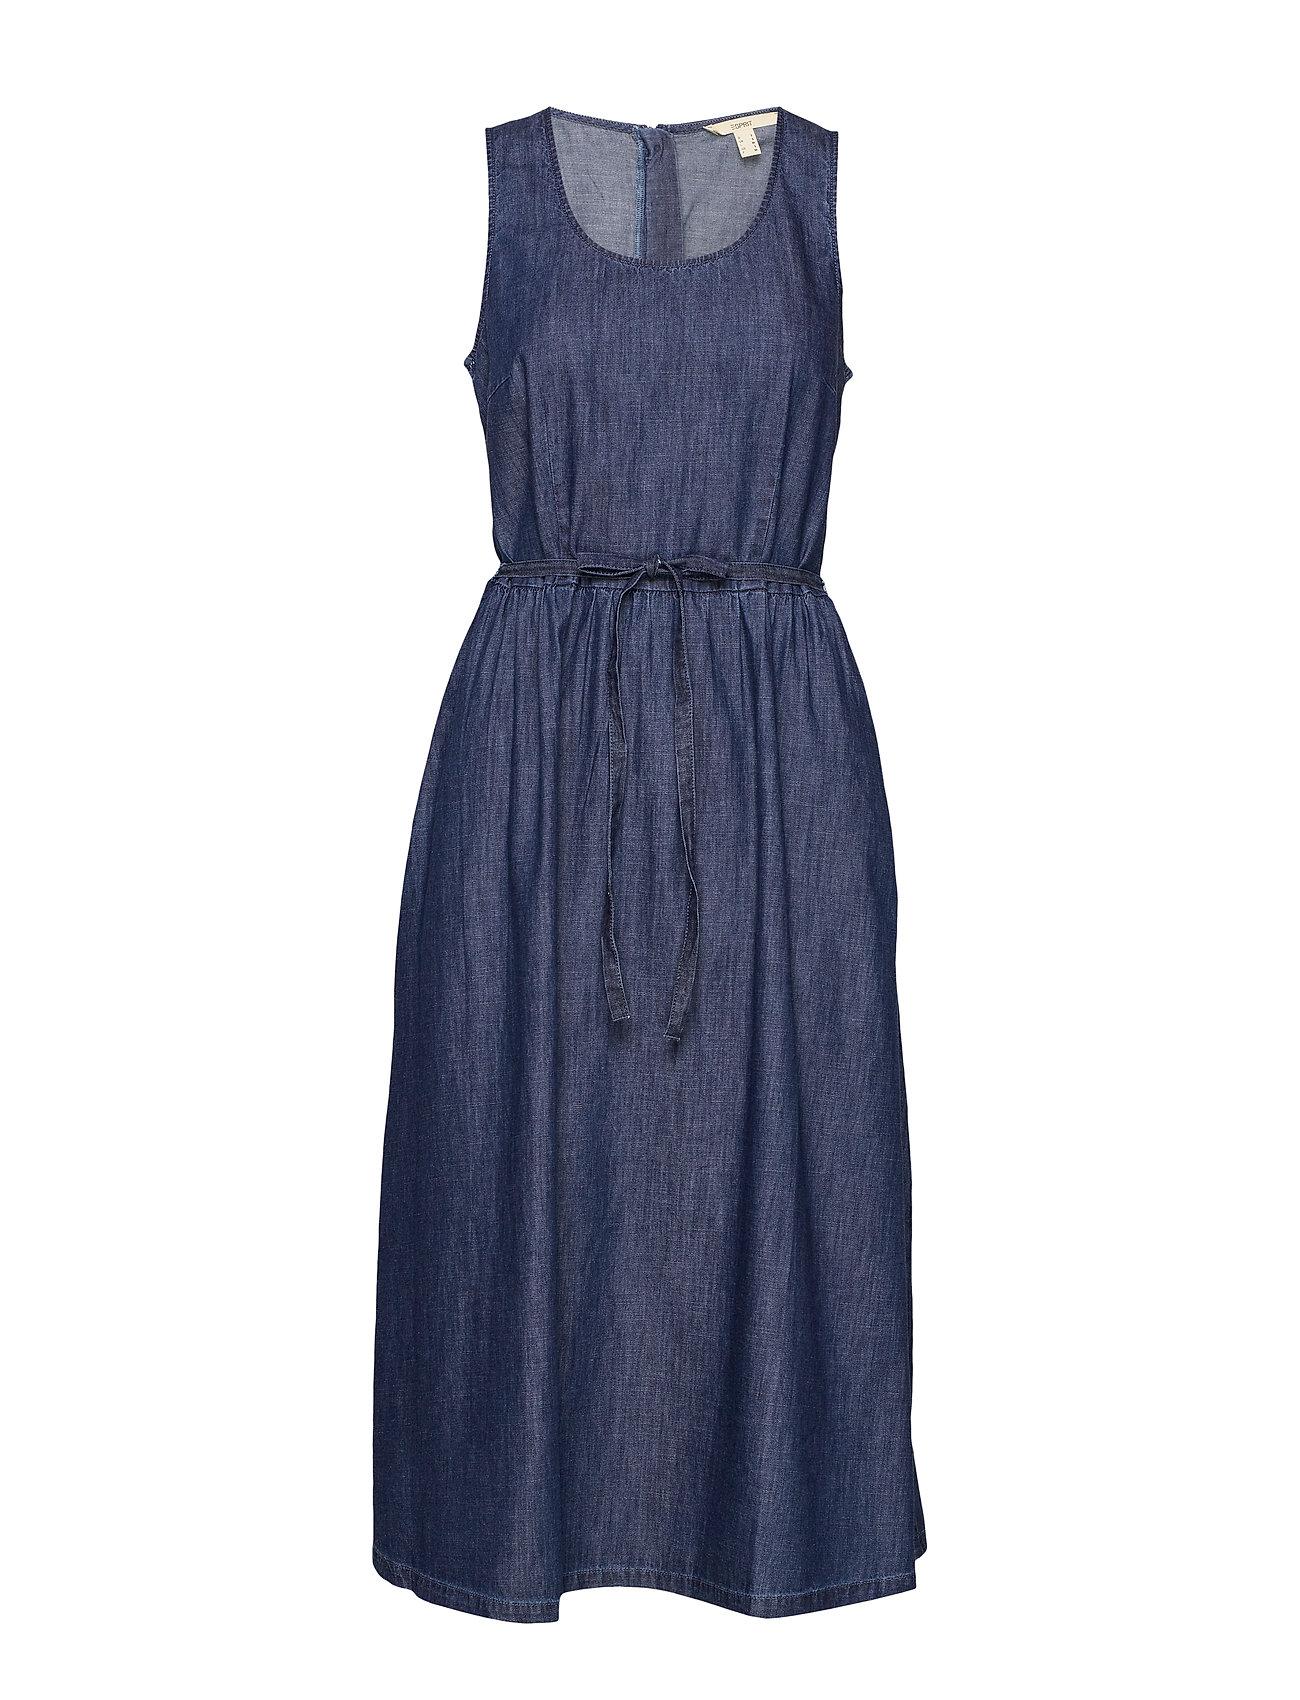 Esprit Casual Dresses denim - BLUE RINSE